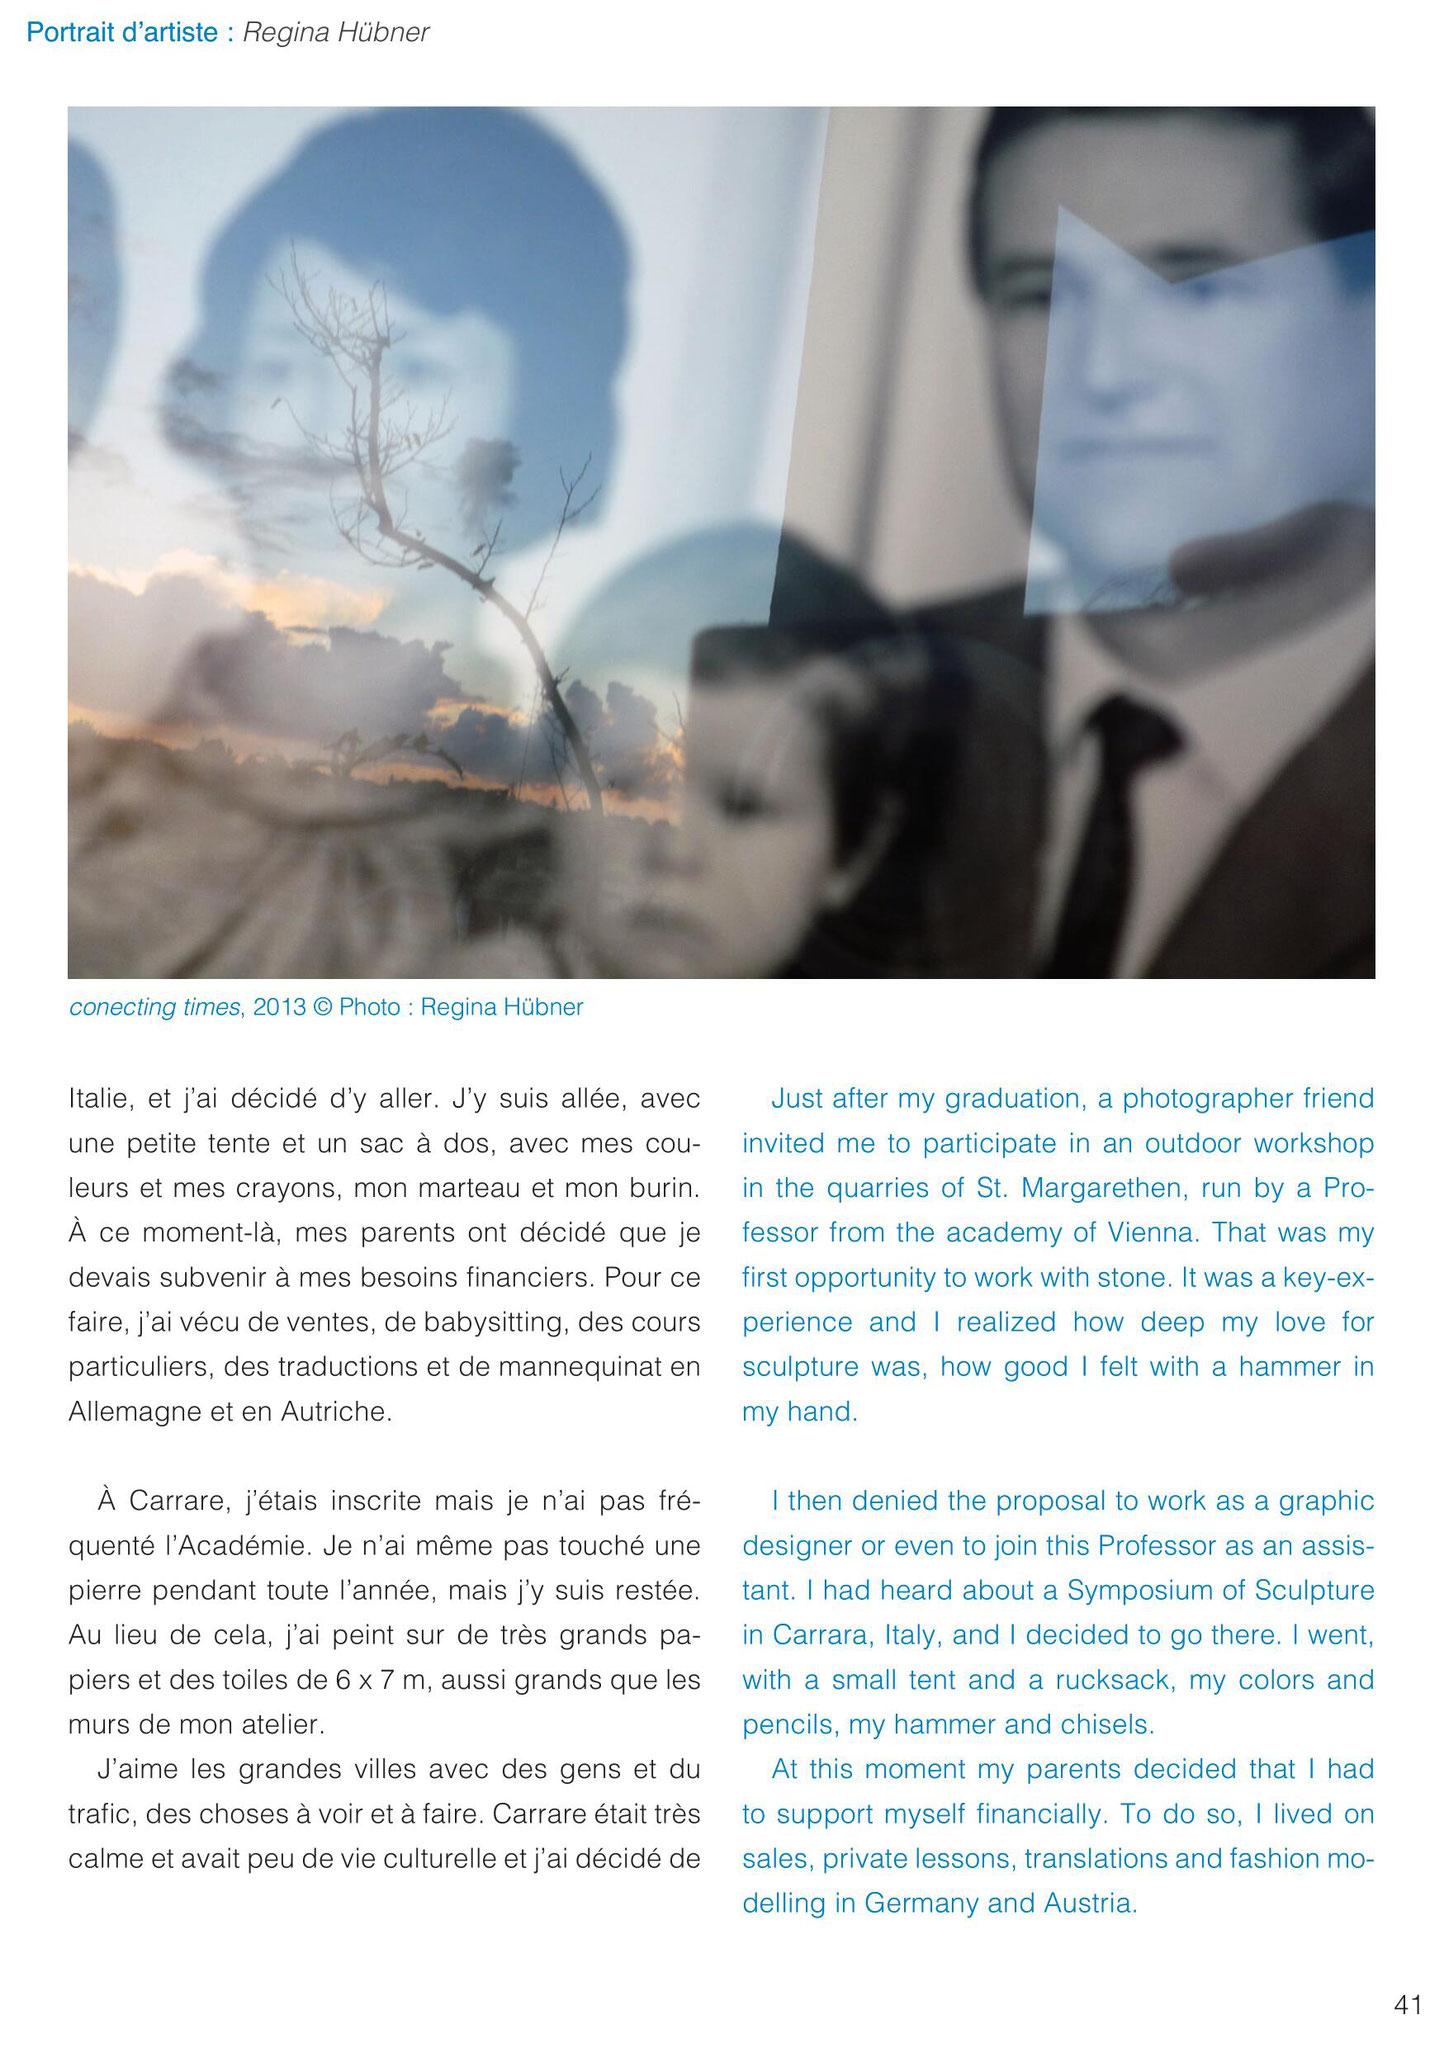 Gabriel Soucheyre, interview with Regina Hübner